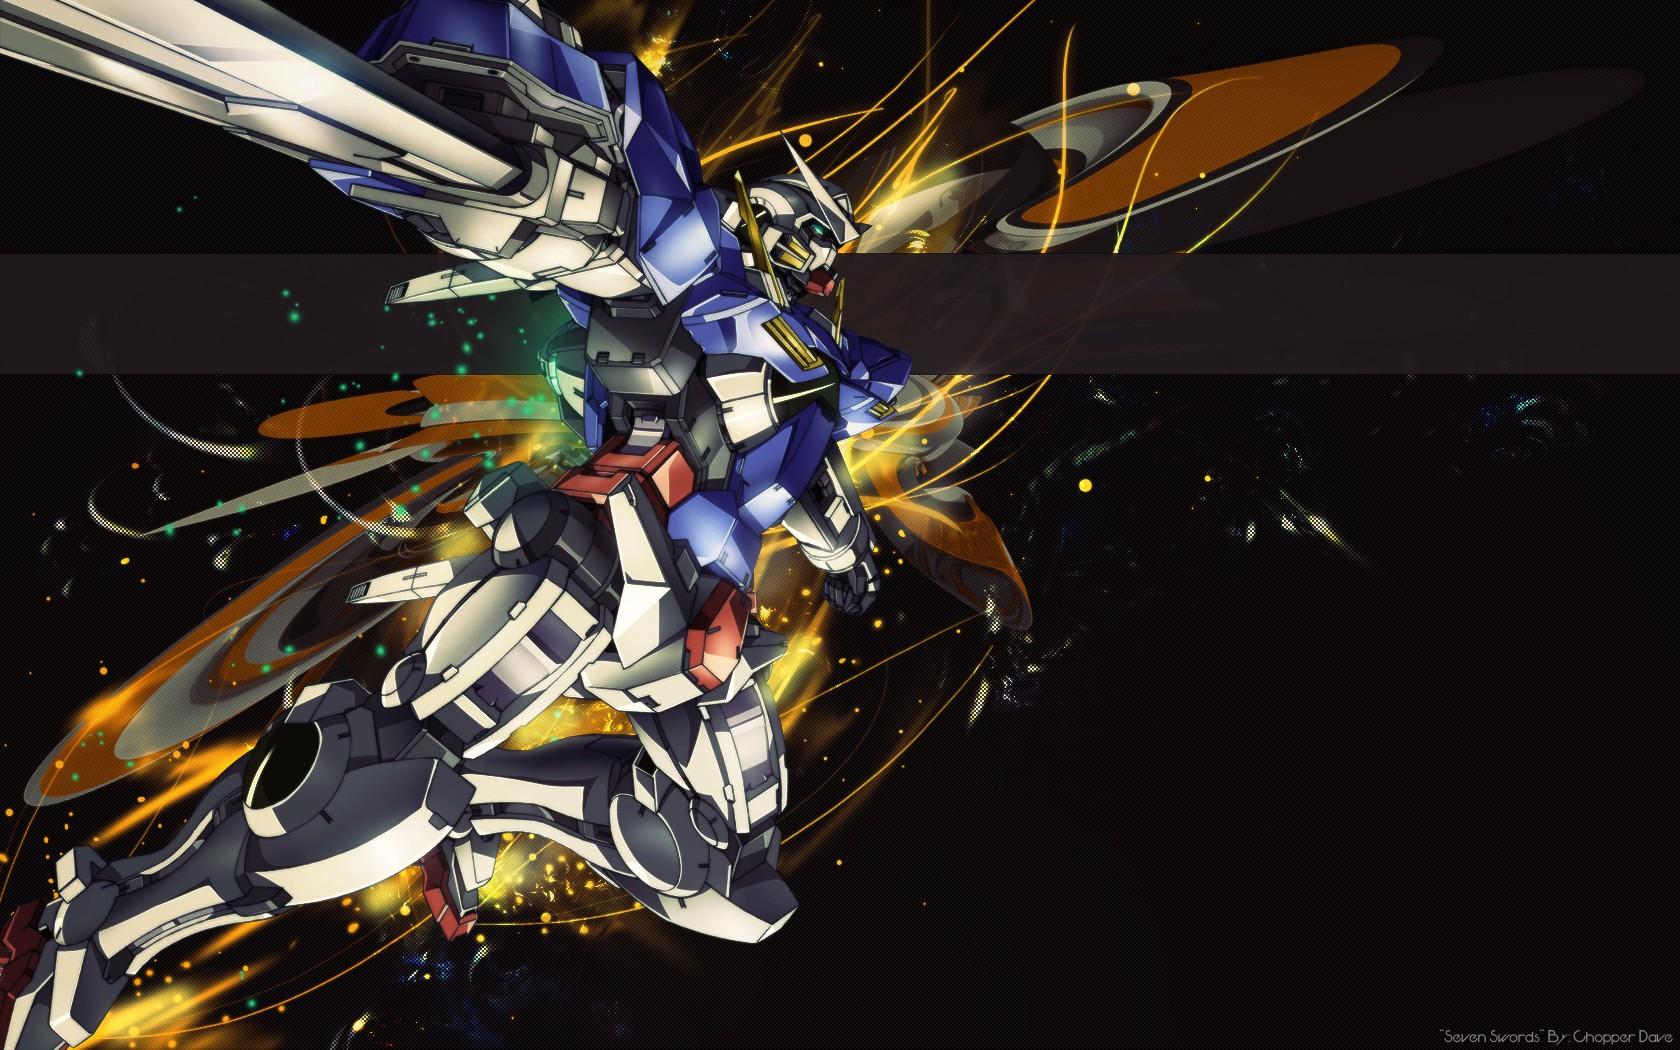 デスクトップ壁紙 アニメ 機械 漫画 機動戦士ガンダム00